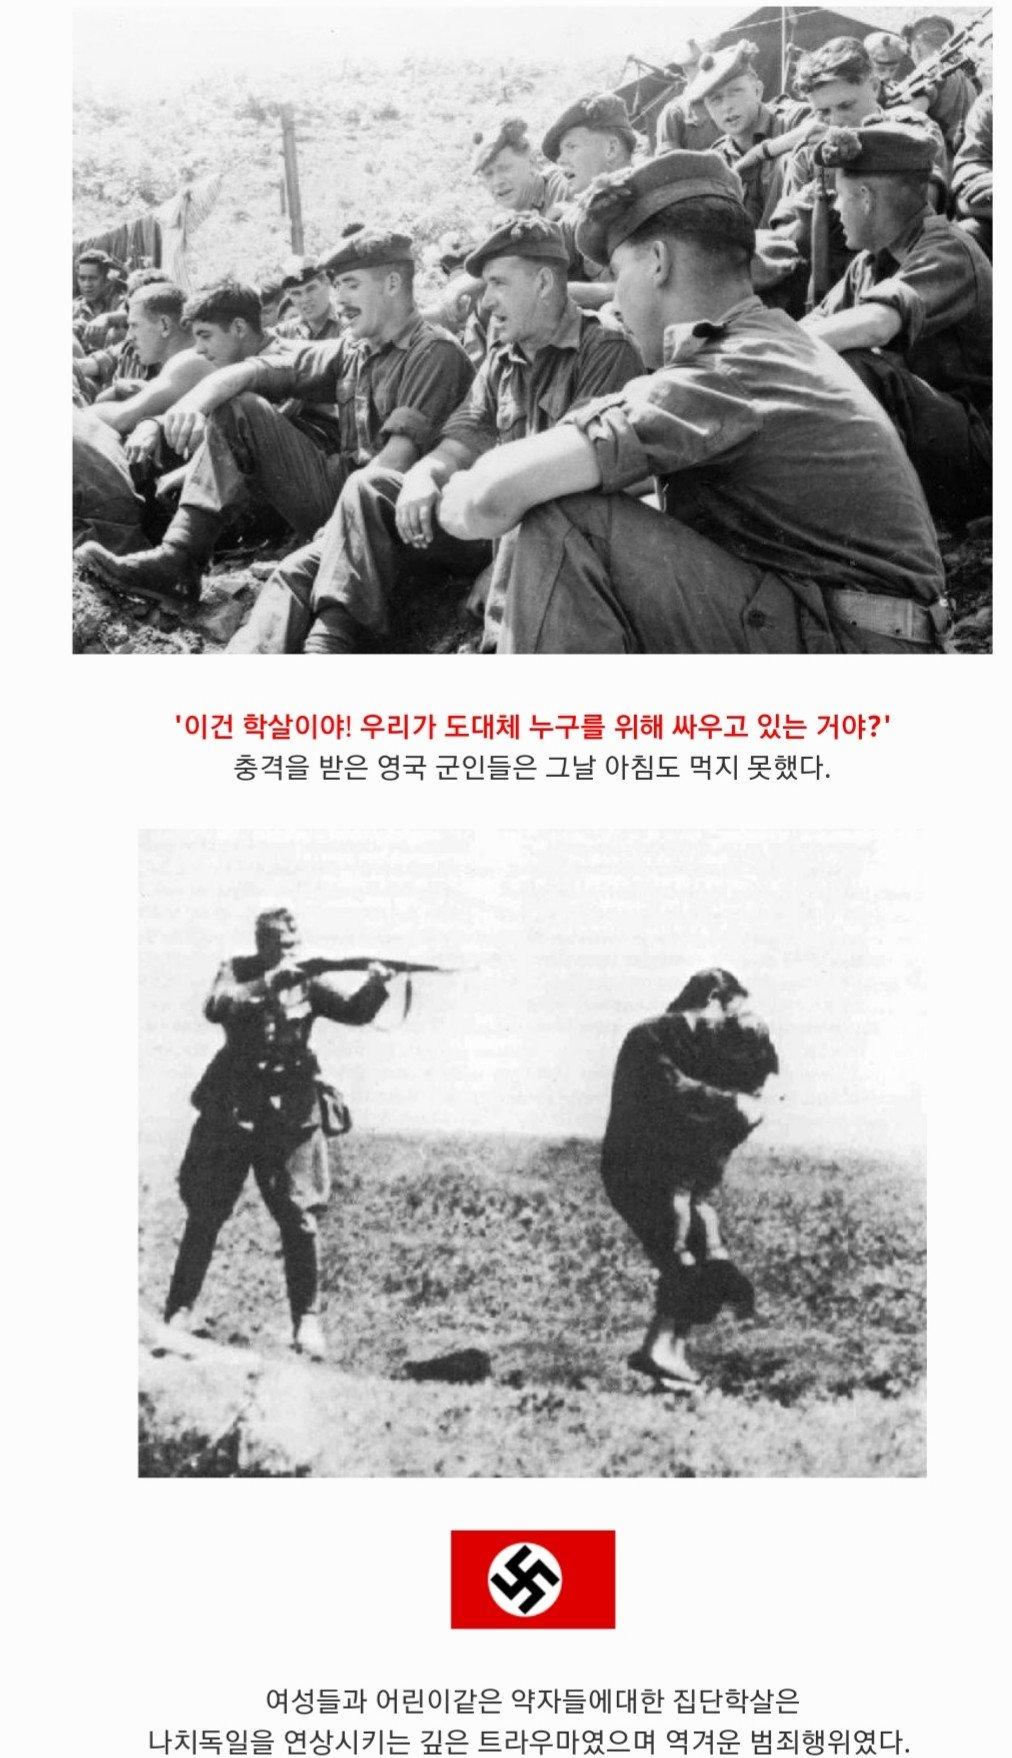 20181001_012056.jpg 한국전쟁 당시 영국군에 의해 밝혀진 학살 사건.jpg